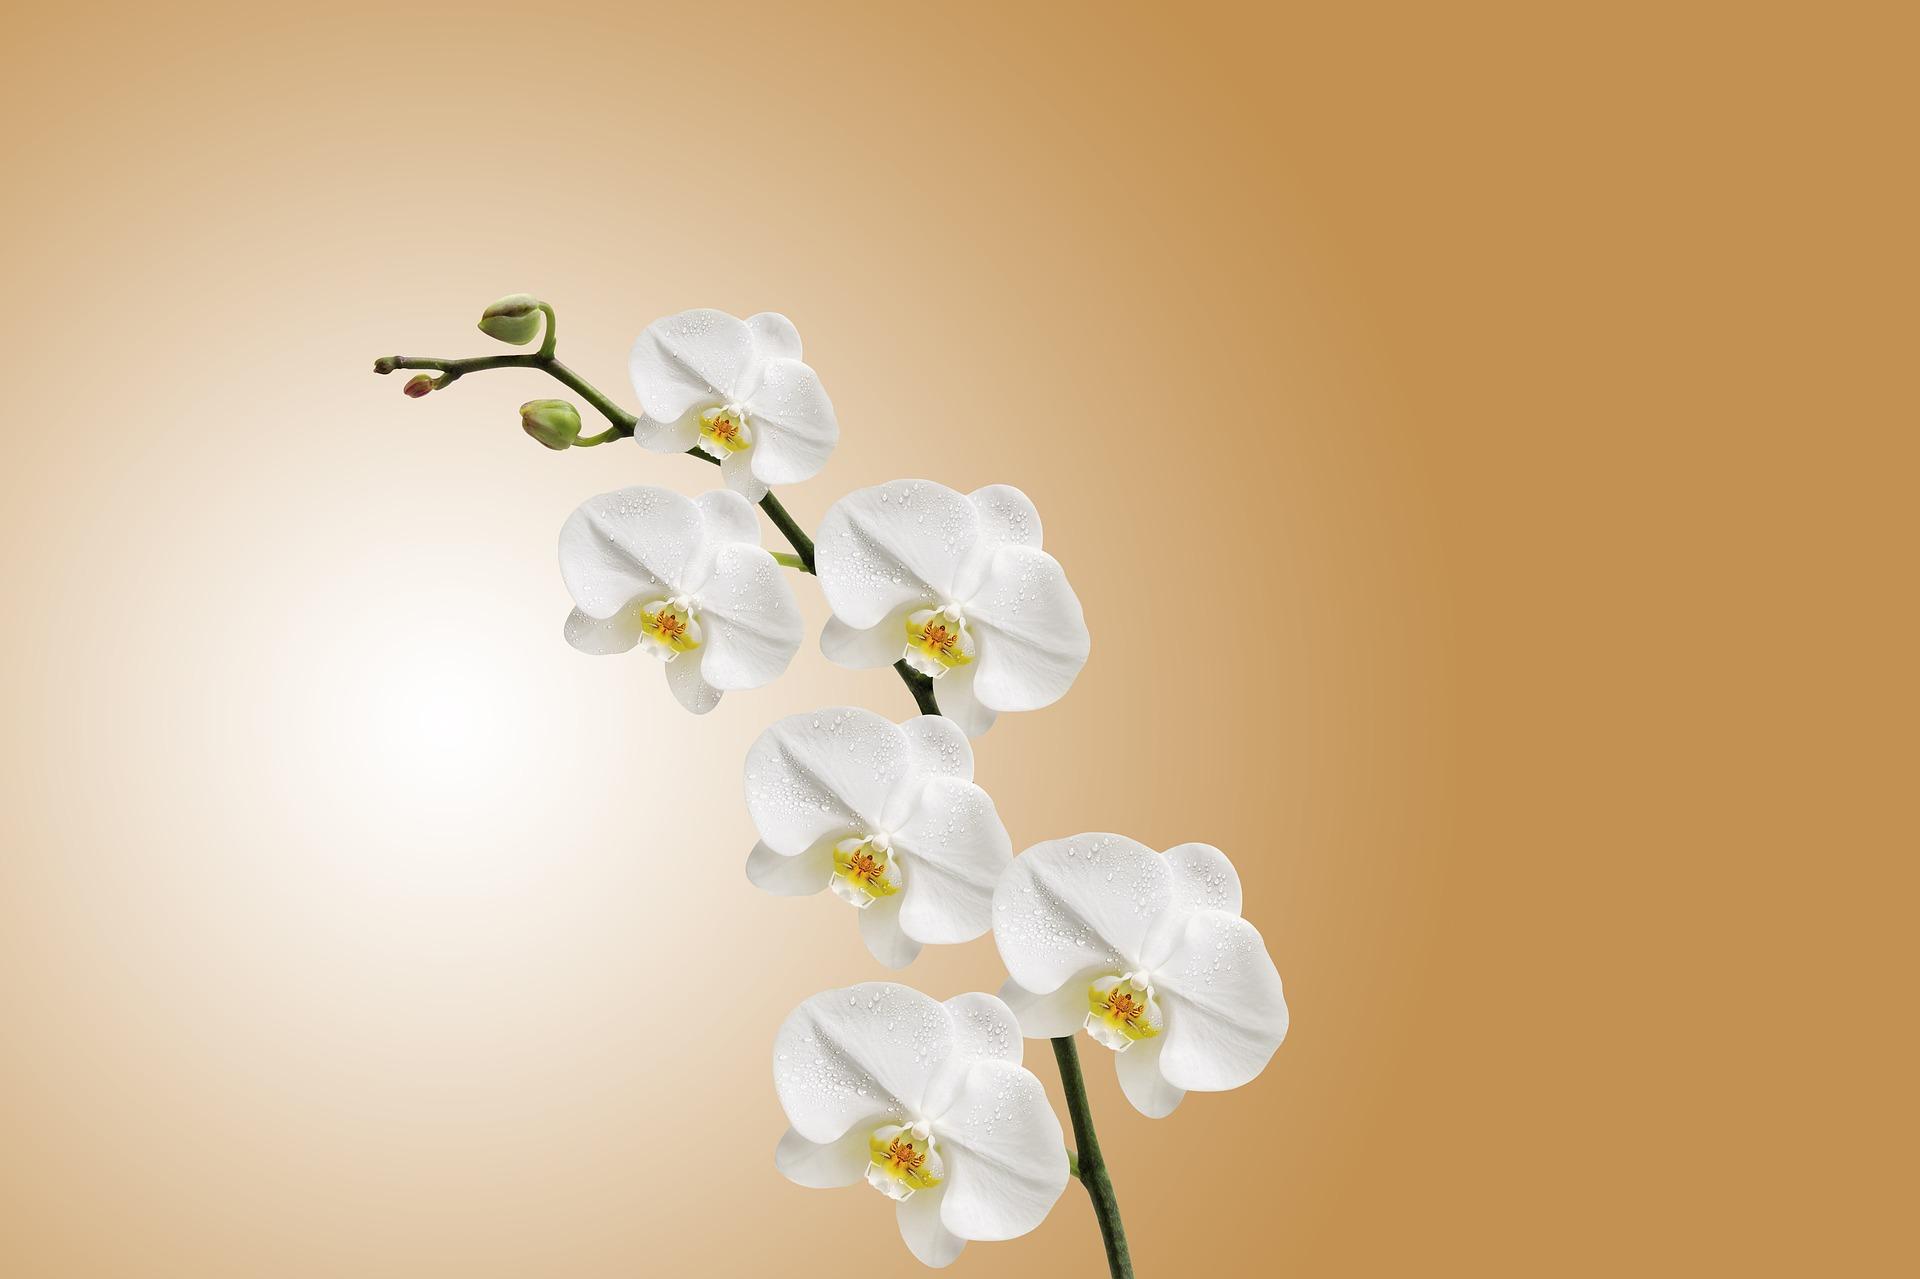 flower-743373_1920